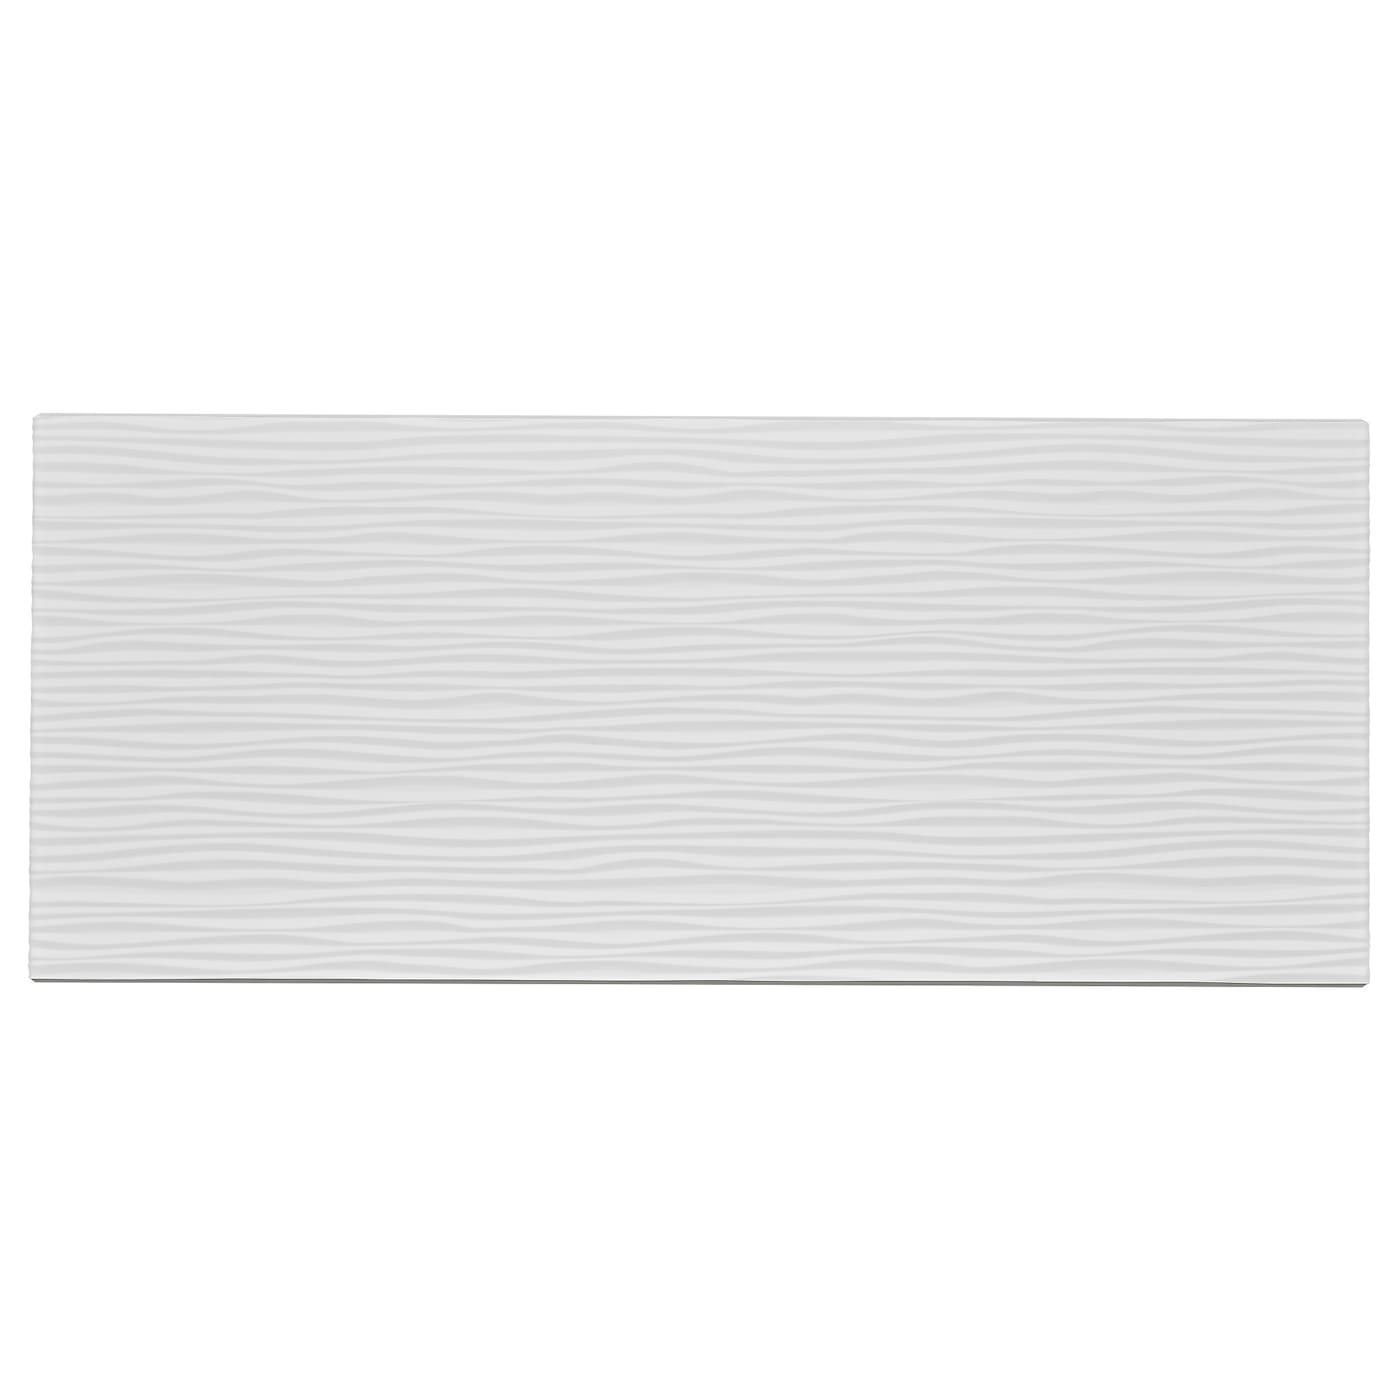 laxviken ladefront wit 60x26 cm ikea. Black Bedroom Furniture Sets. Home Design Ideas